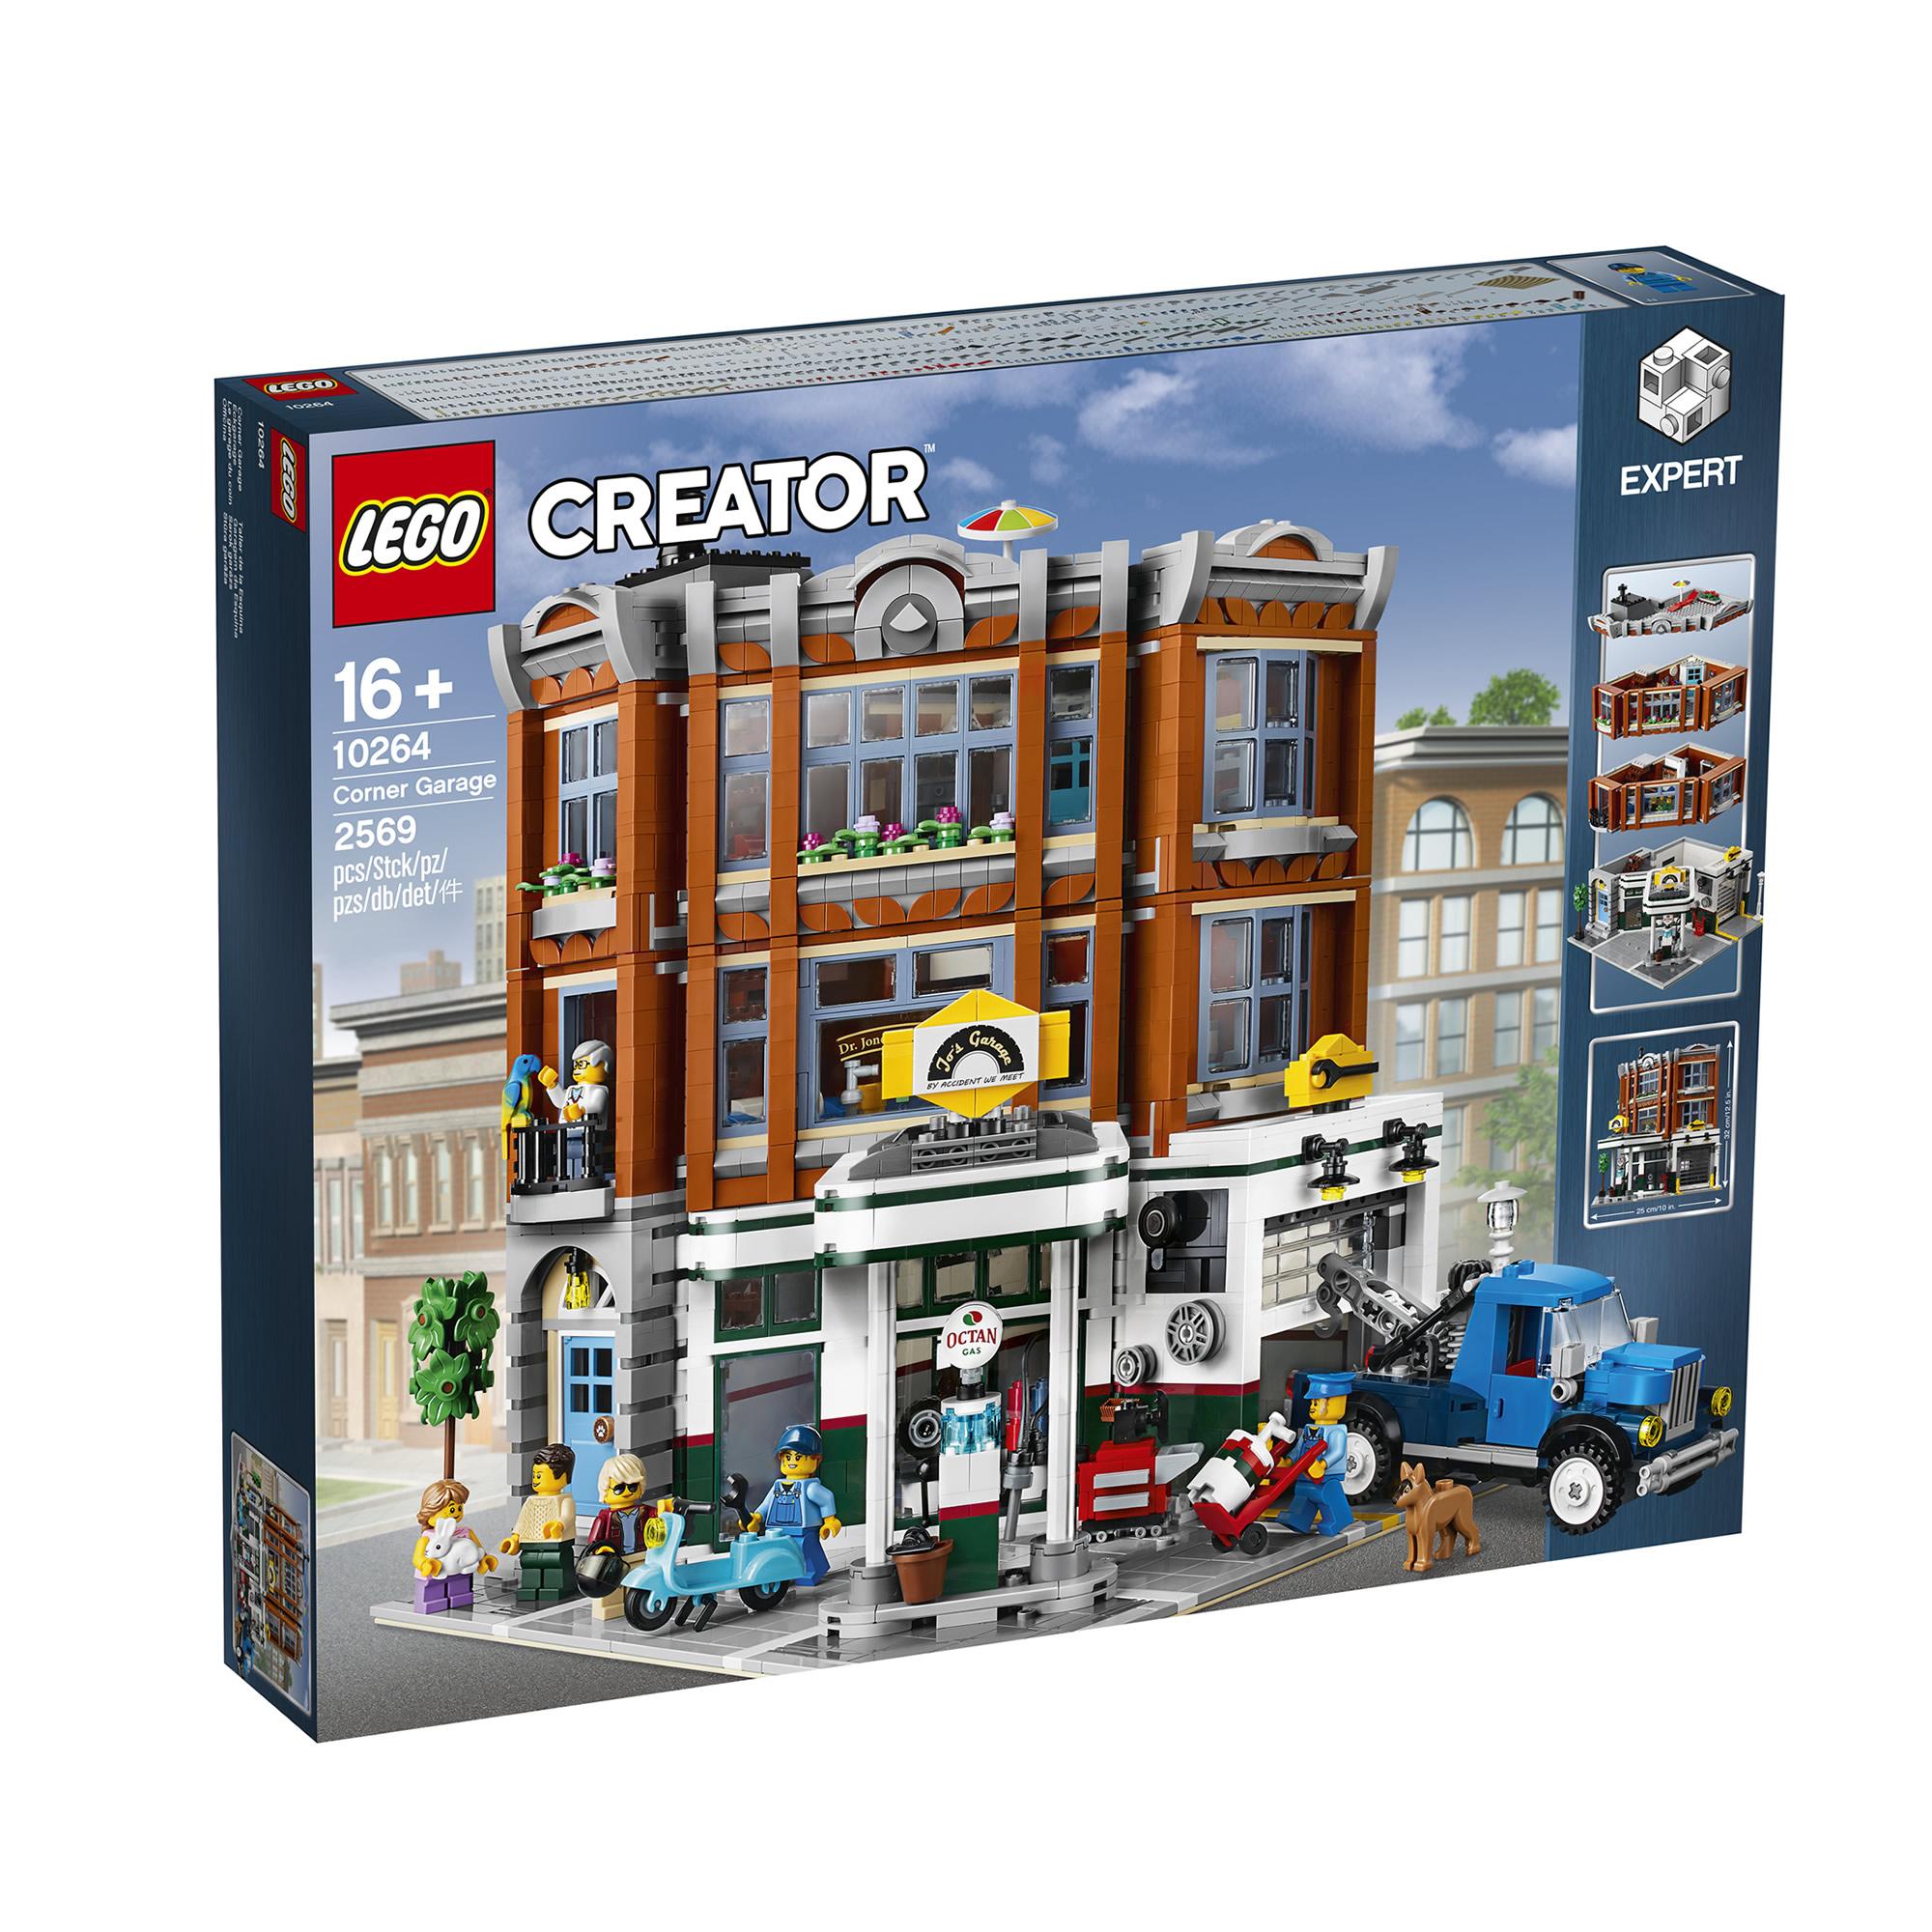 10264 - officina - lego creator expert - toys center - LEGO CREATOR EXPERT